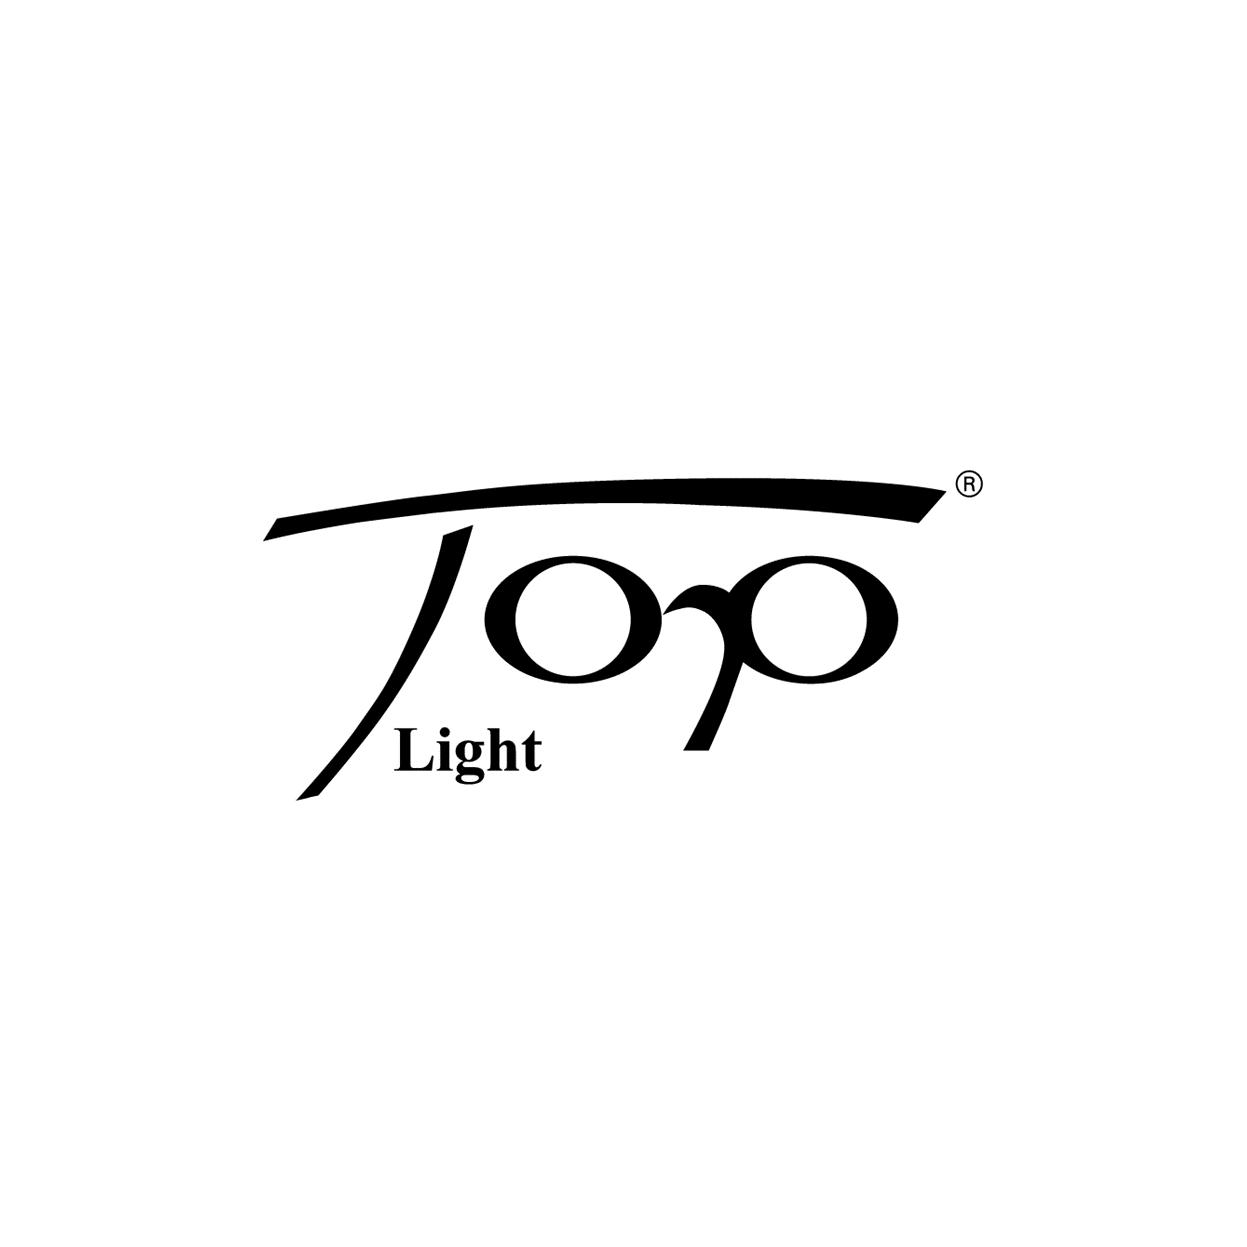 Top Light - Objekte Licht & Raum GmbH in Hamburg